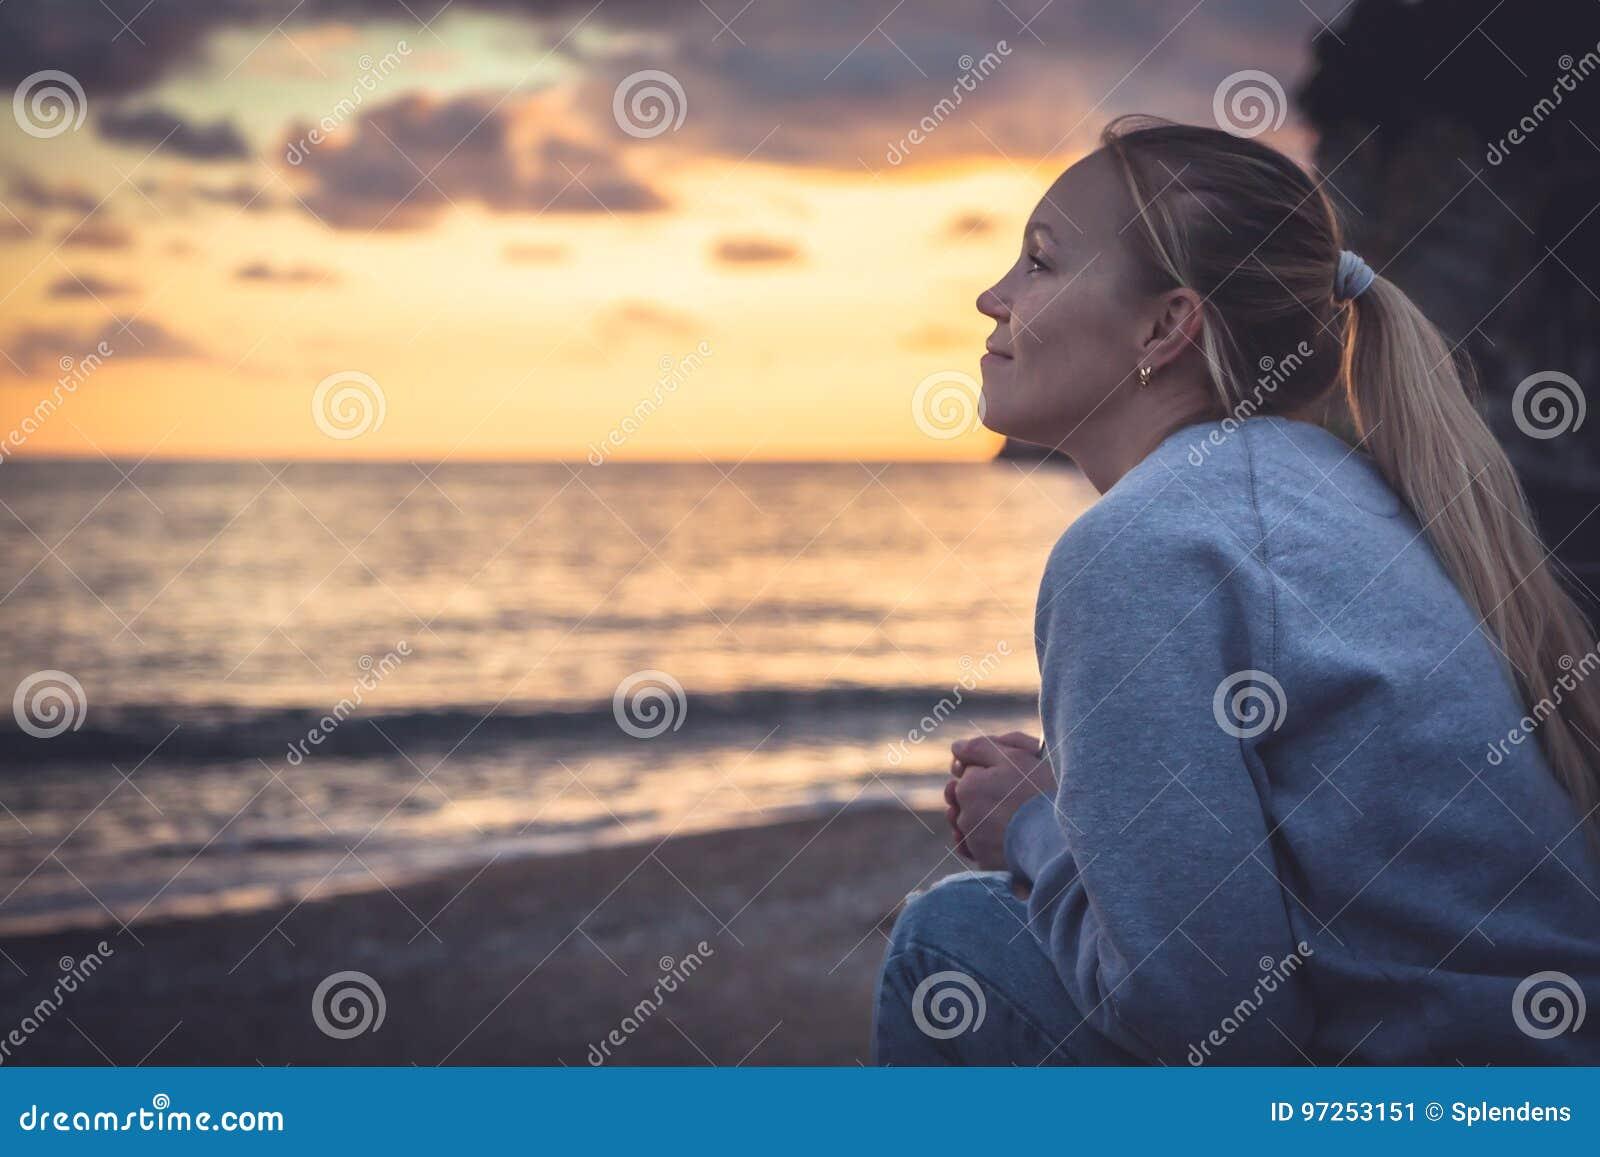 Nachdenkliche einsame lächelnde Frau, die mit Hoffnung in Horizont während des Sonnenuntergangs Strand betrachtet